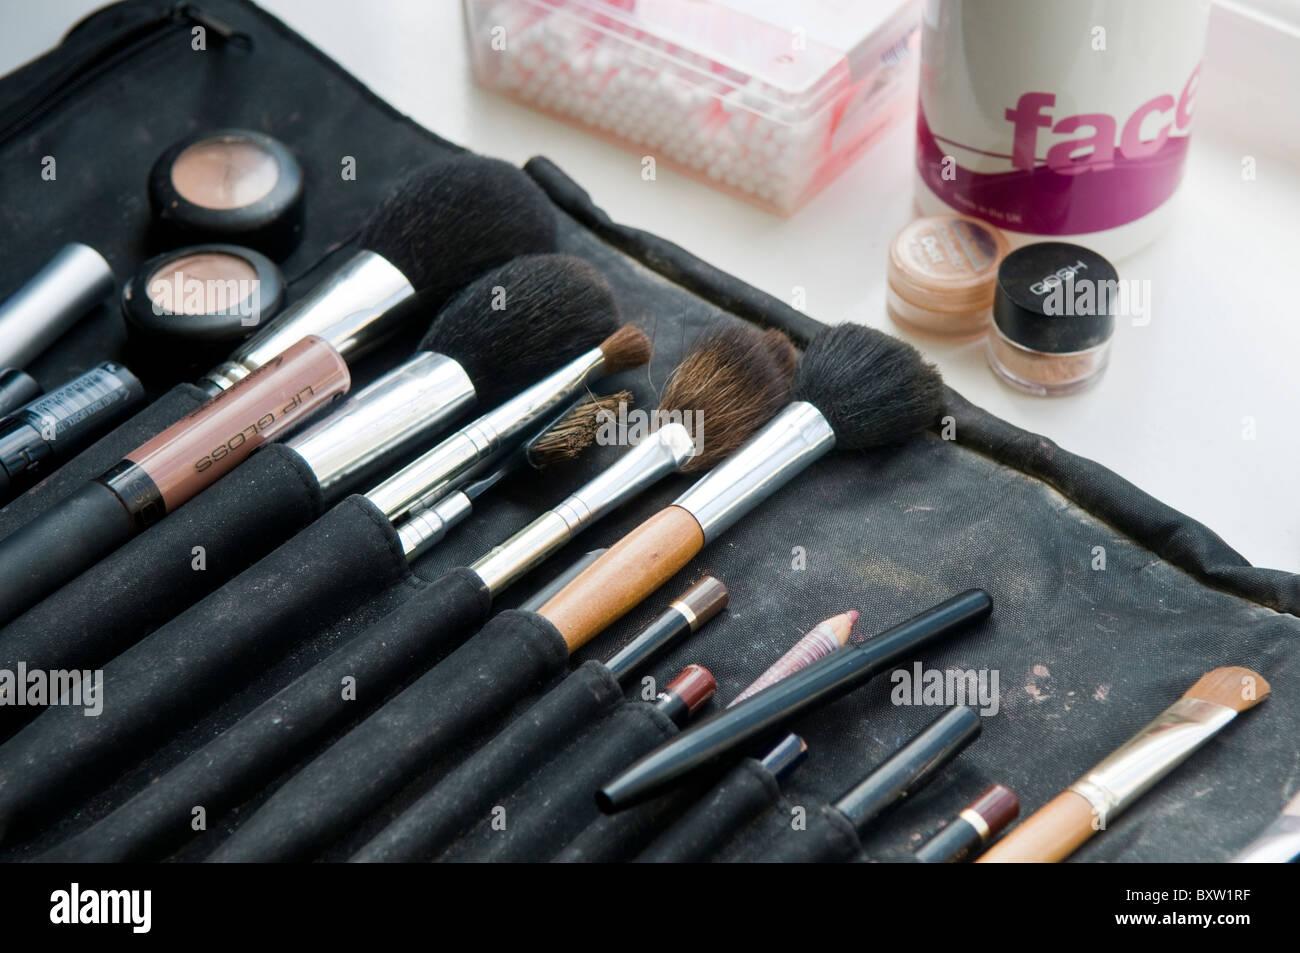 Los artistas de maquillaje profesional brush bolsa con una colección de pinceles Imagen De Stock